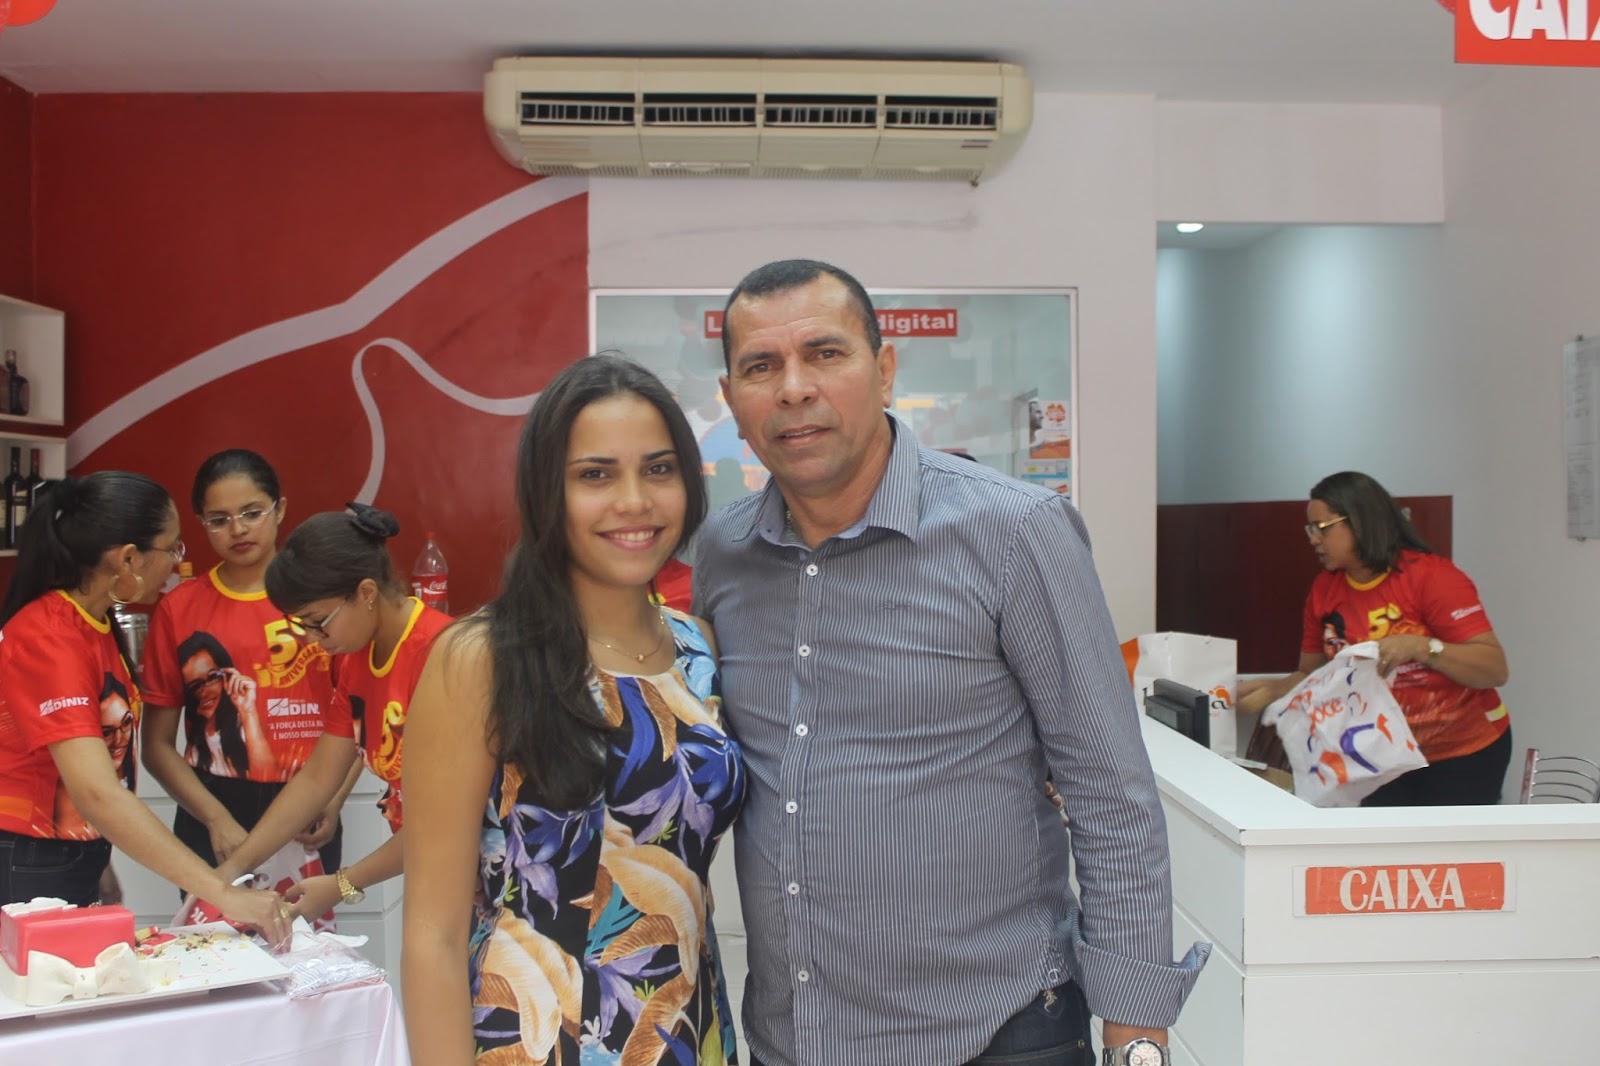 0bac557f05d20 BARRA DO CORDA NEWS - O BLOG DO IVAN SILVA  Óticas Diniz de Barra do ...